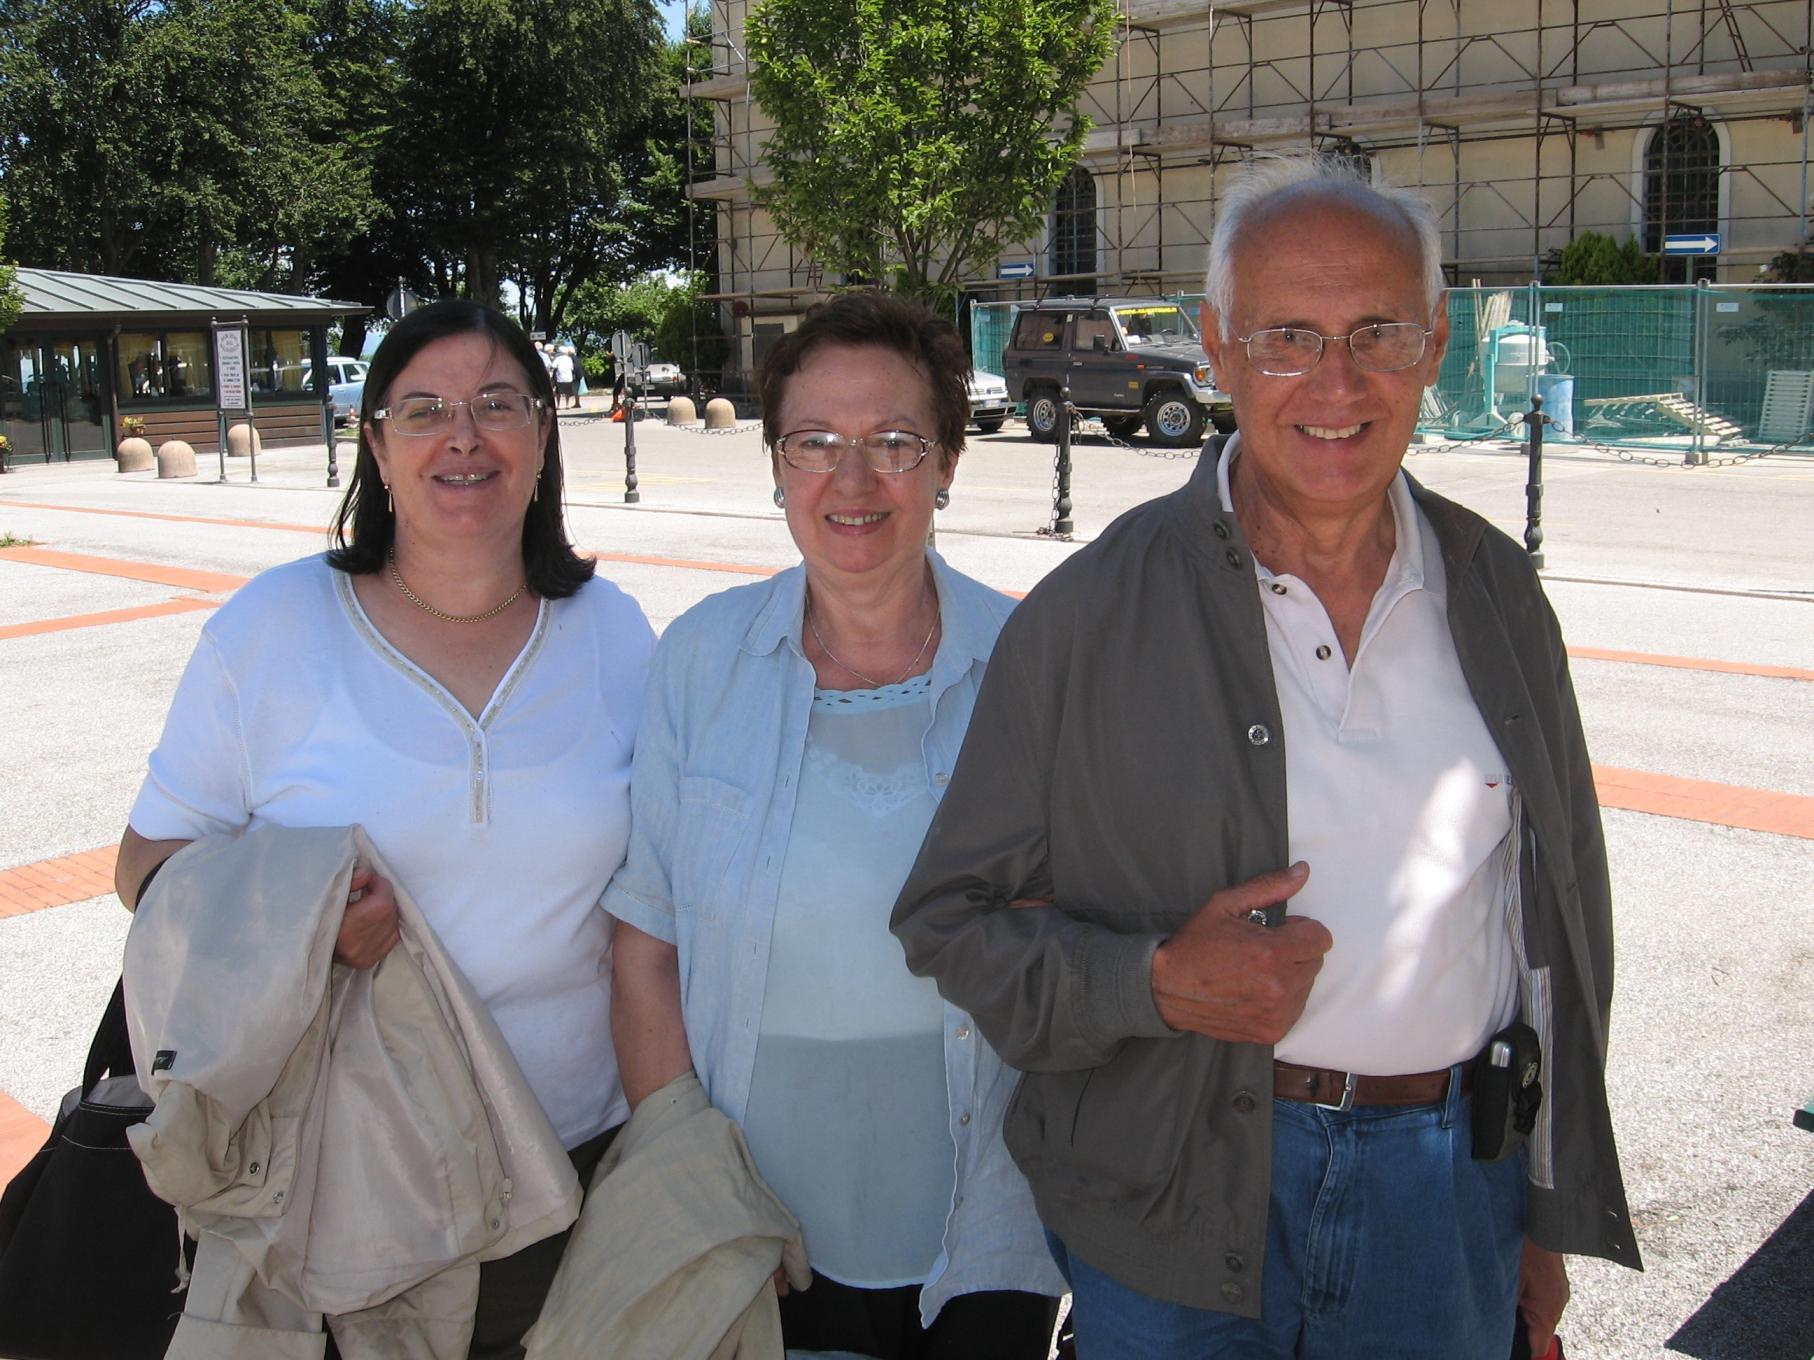 Pellegrinaggio_Vicariale_Guardia-2009-06-20--13.17.41